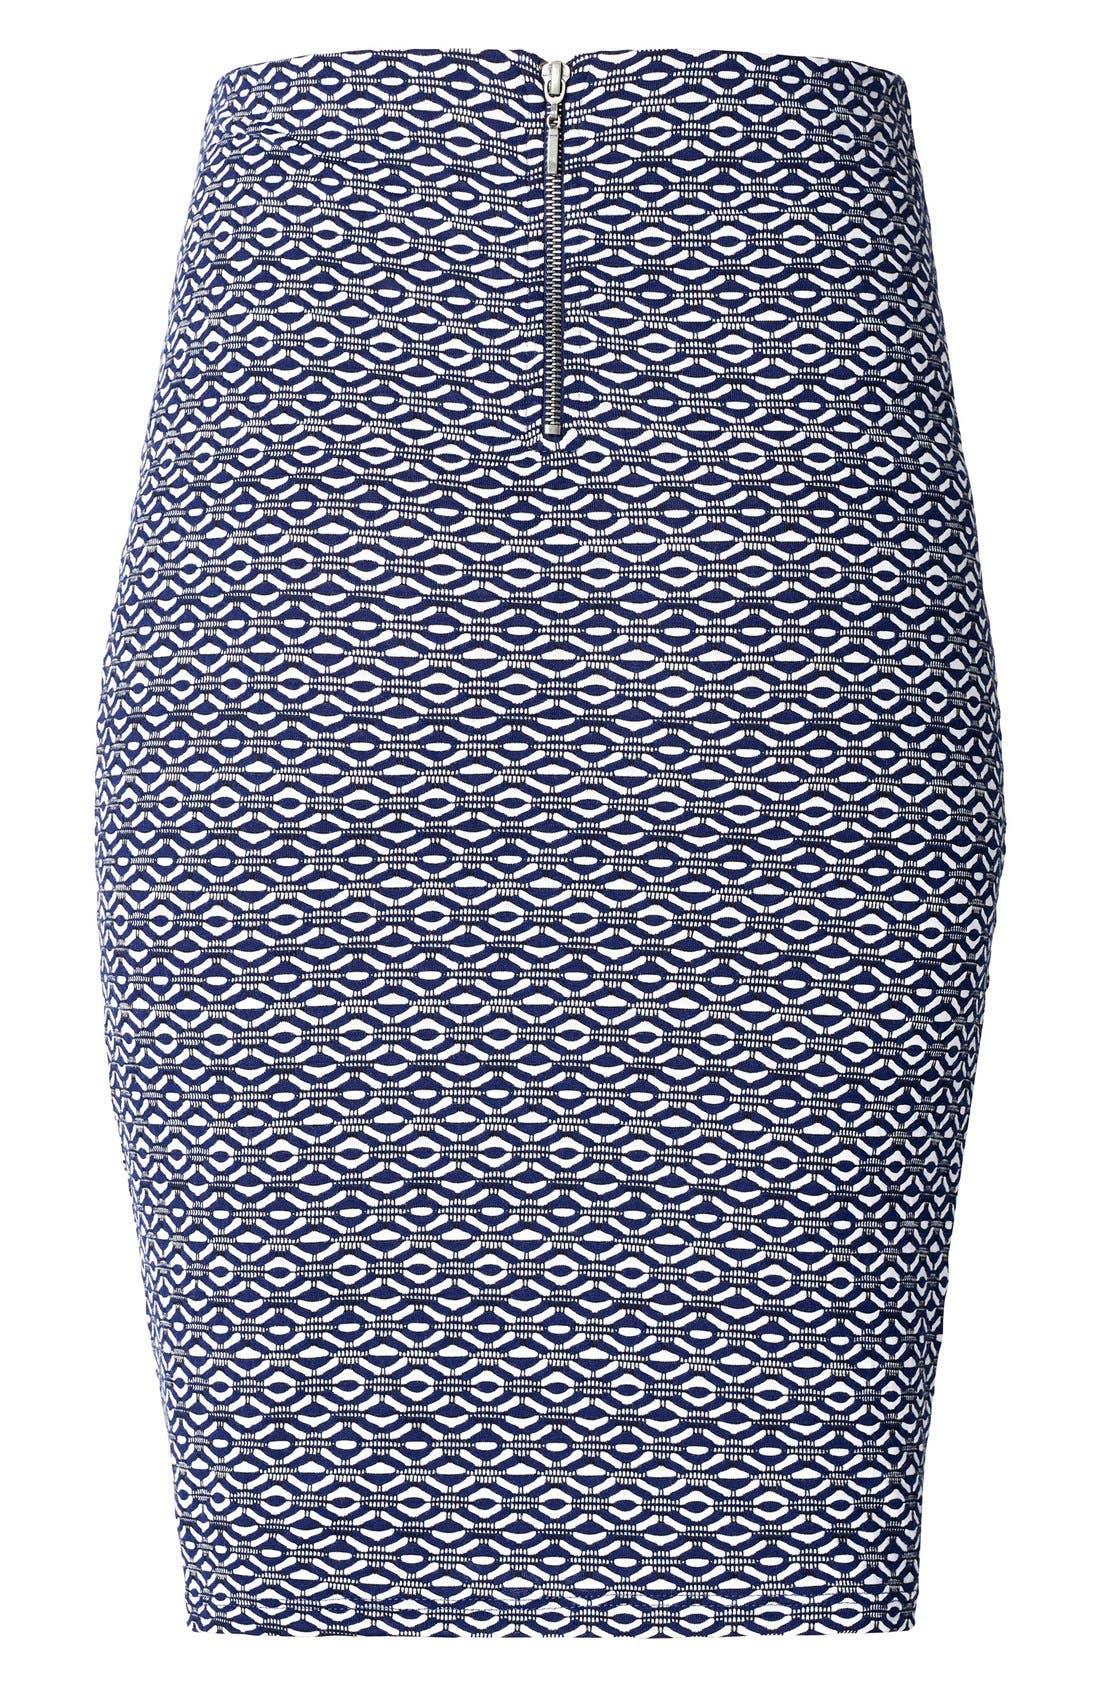 Rita Maternity Pencil Skirt,                         Main,                         color, MEDIUM BLUE